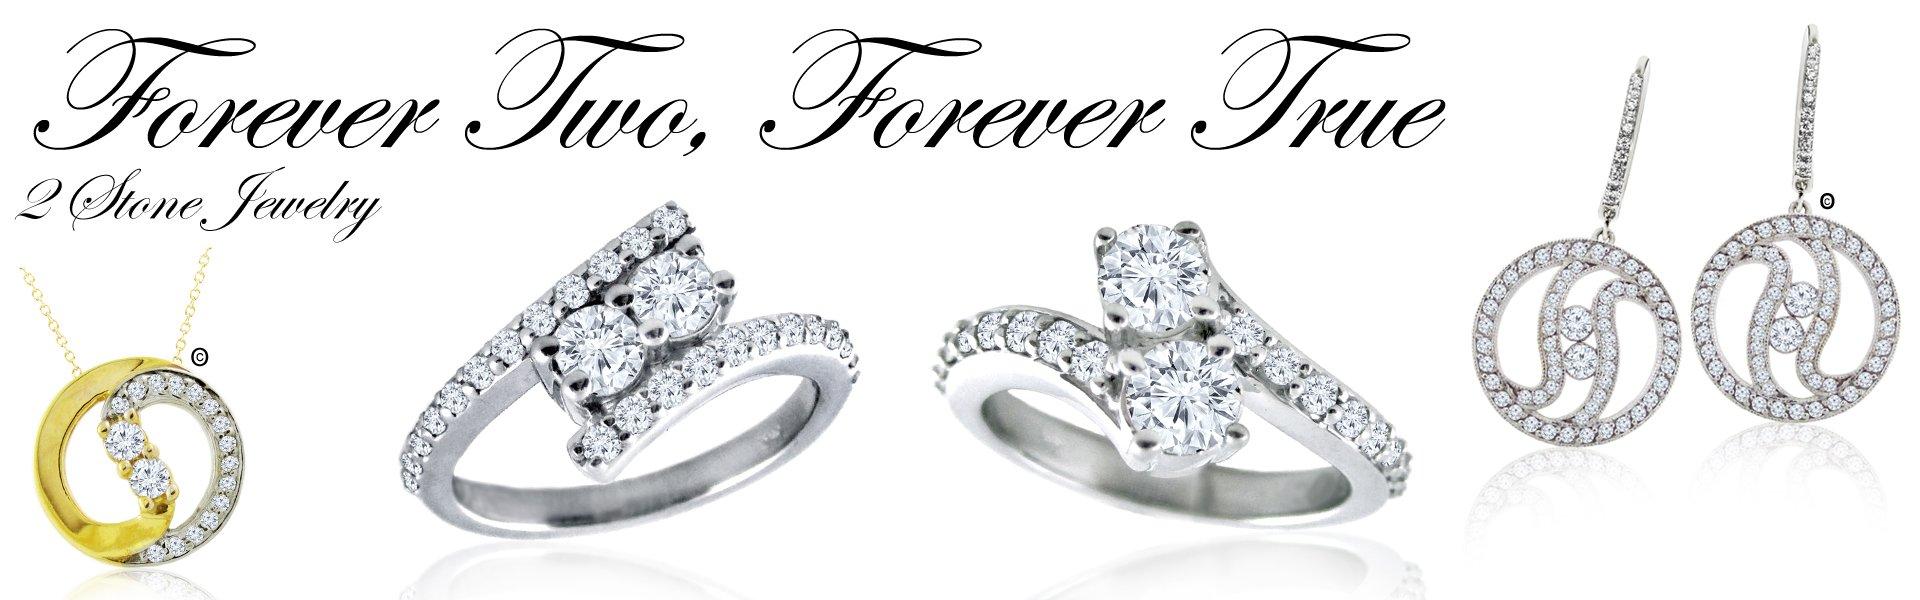 Forever Two Forever True